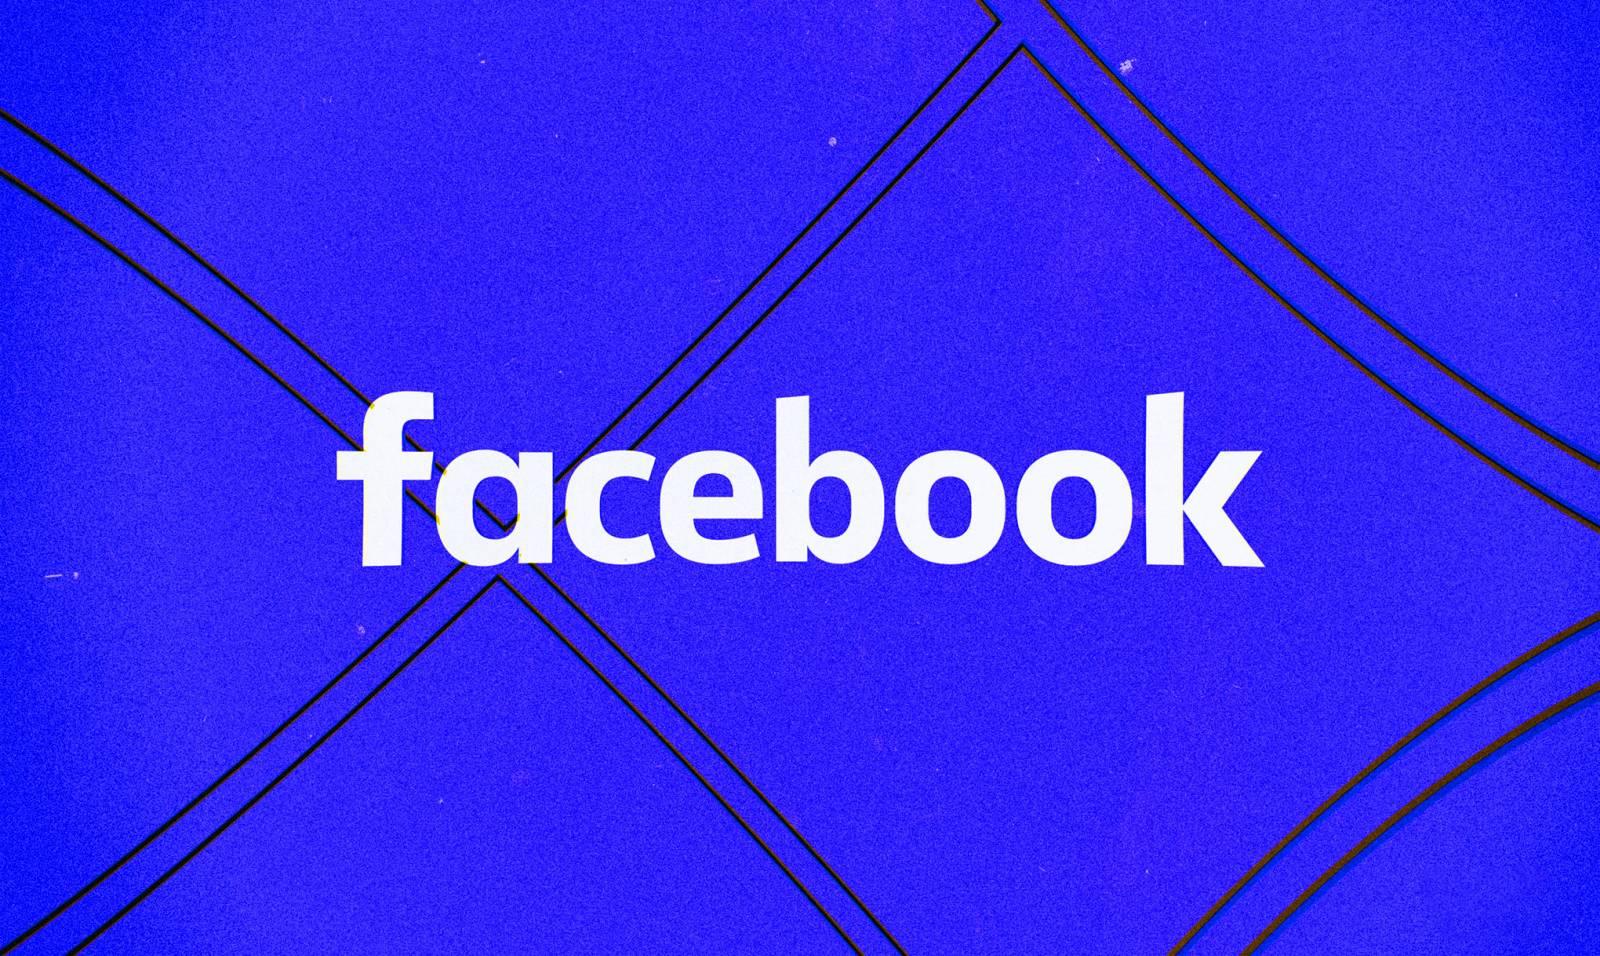 Facebook platforme instagram messenger